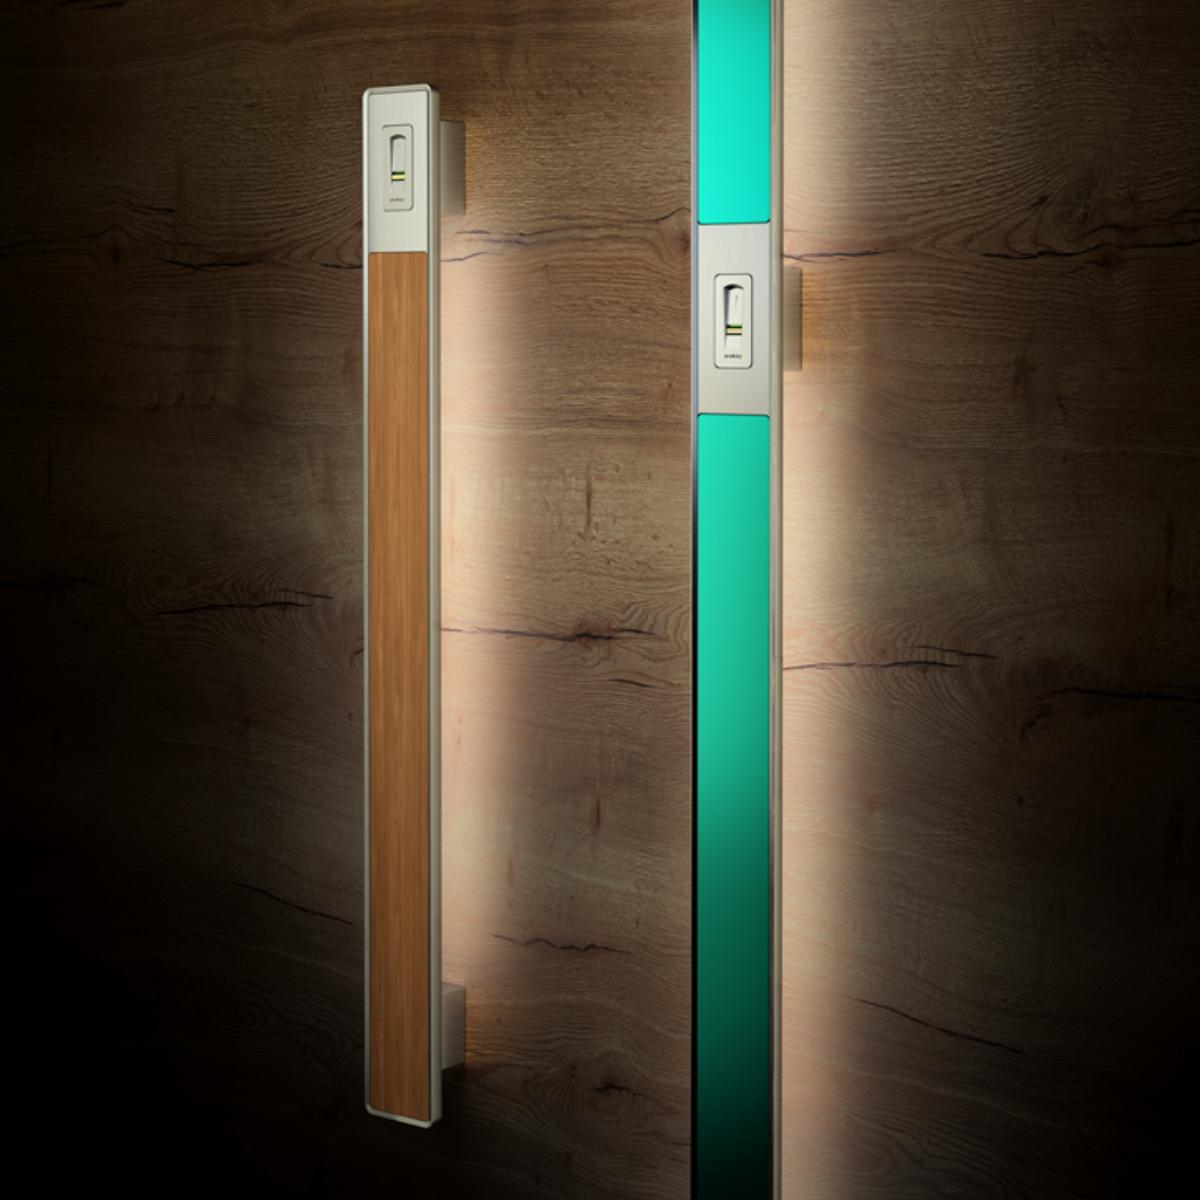 Coloured door handles - Griffing